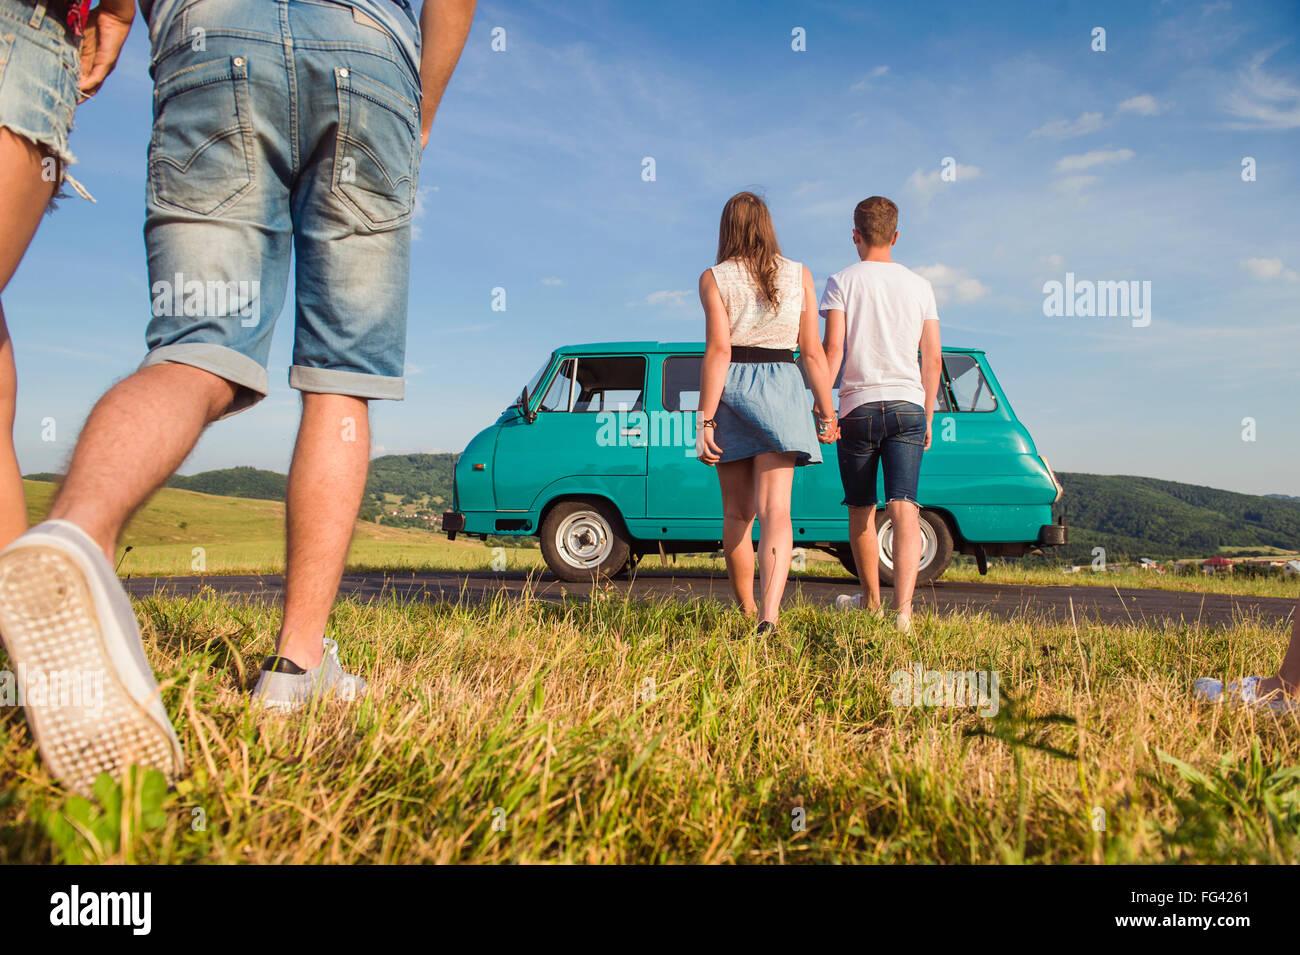 Des couples dans l'amour, nature, ciel bleu, un camping-car, vue de dos Photo Stock